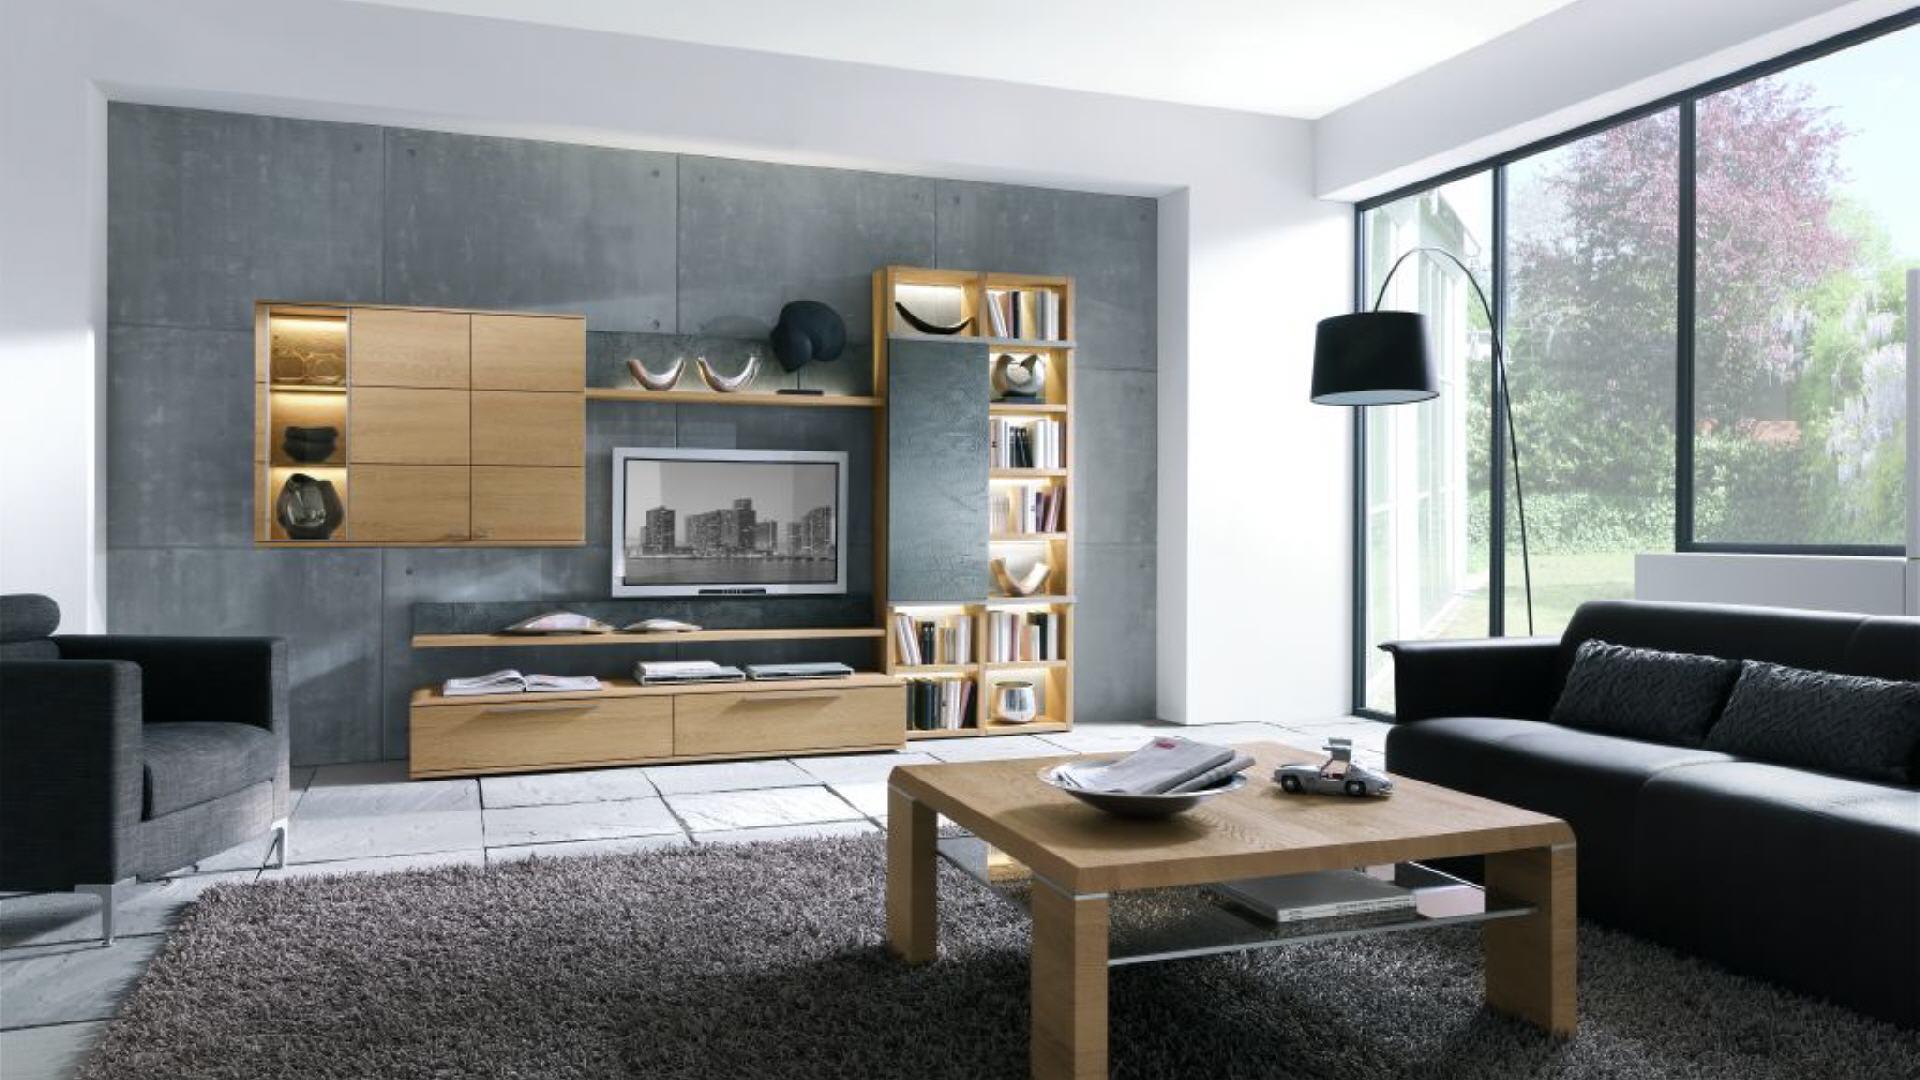 Massivholzmöbel wohnzimmer  Möbel Weber in Höxter - Wohnzimmer - Esszimmer - Polstermöbel...